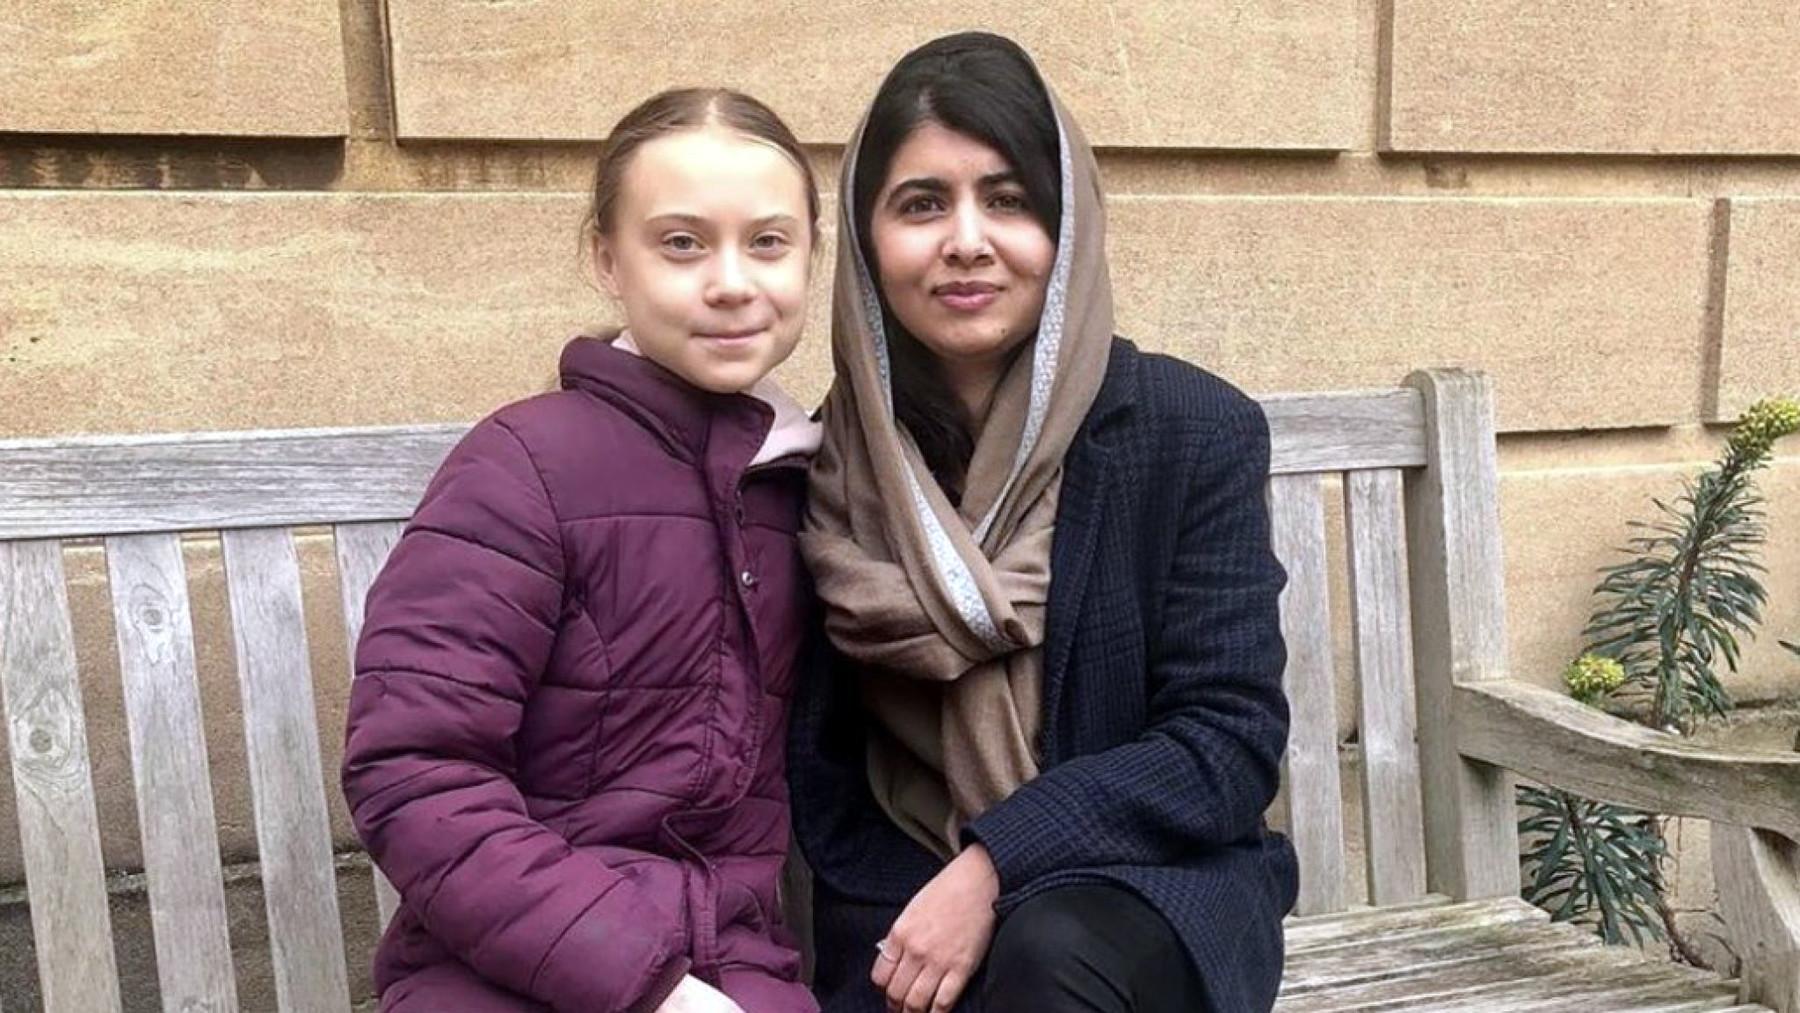 Greta Thunberg talks activism with Malala Yousafzai at Oxford